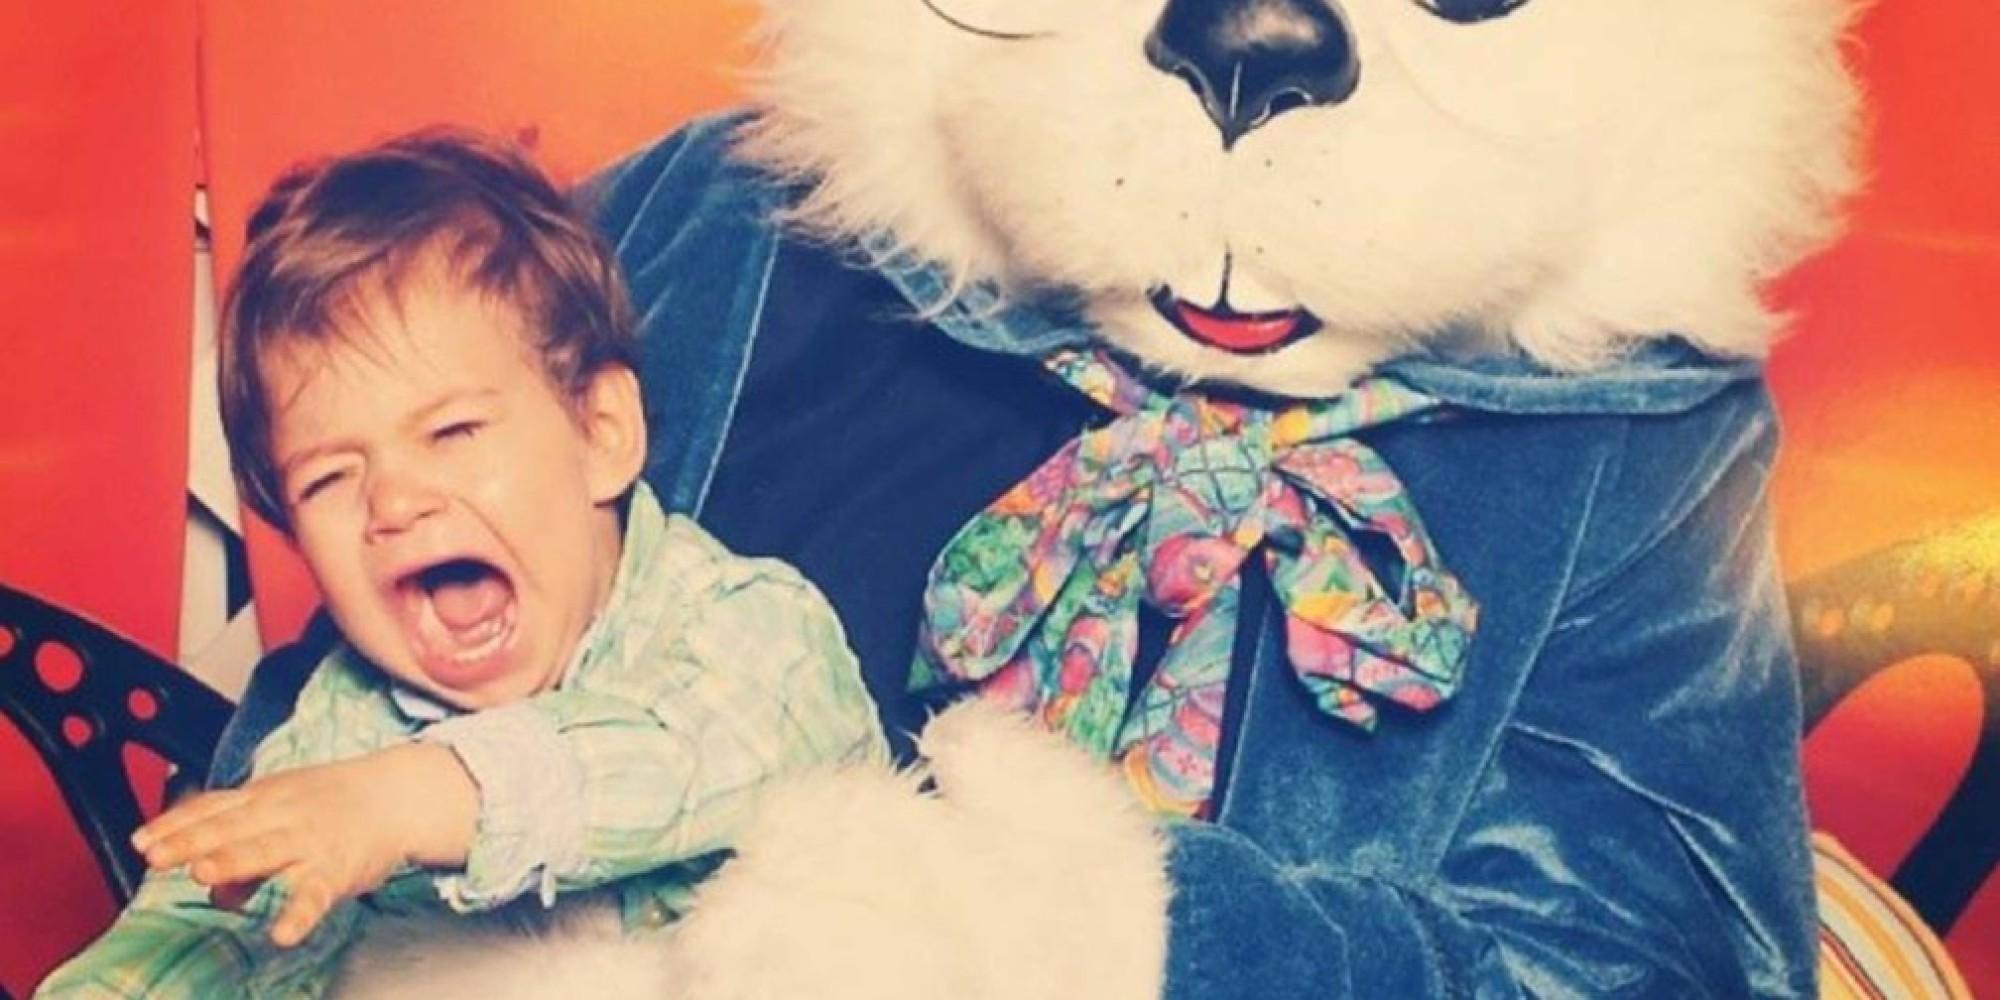 Scary Easter Bunny Photos Creepy easter bunnies